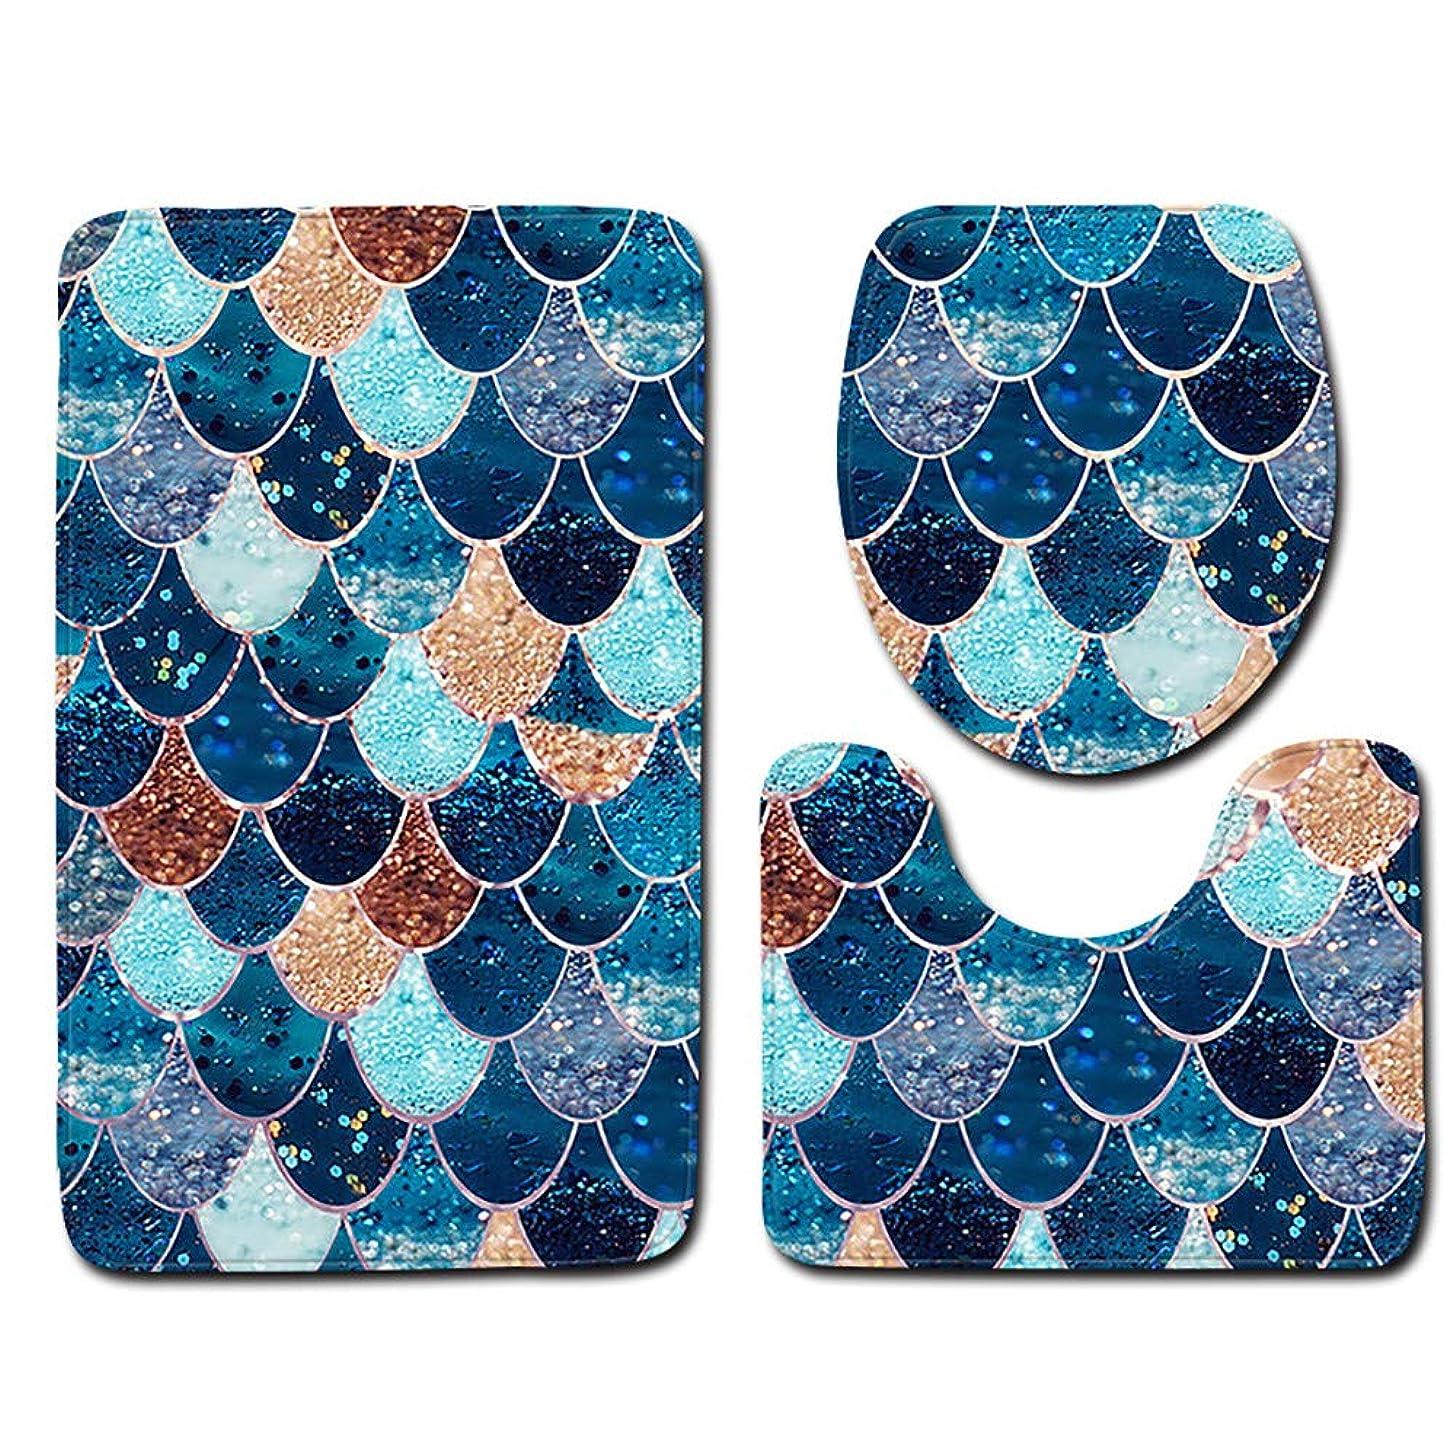 Iusun Toilet Mat, 3PCS Non-Slip Fish Scale Bath Mat Bathroom Kitchen Carpet Doormats Rug Mats For Bathroom Toilet Decor (J)